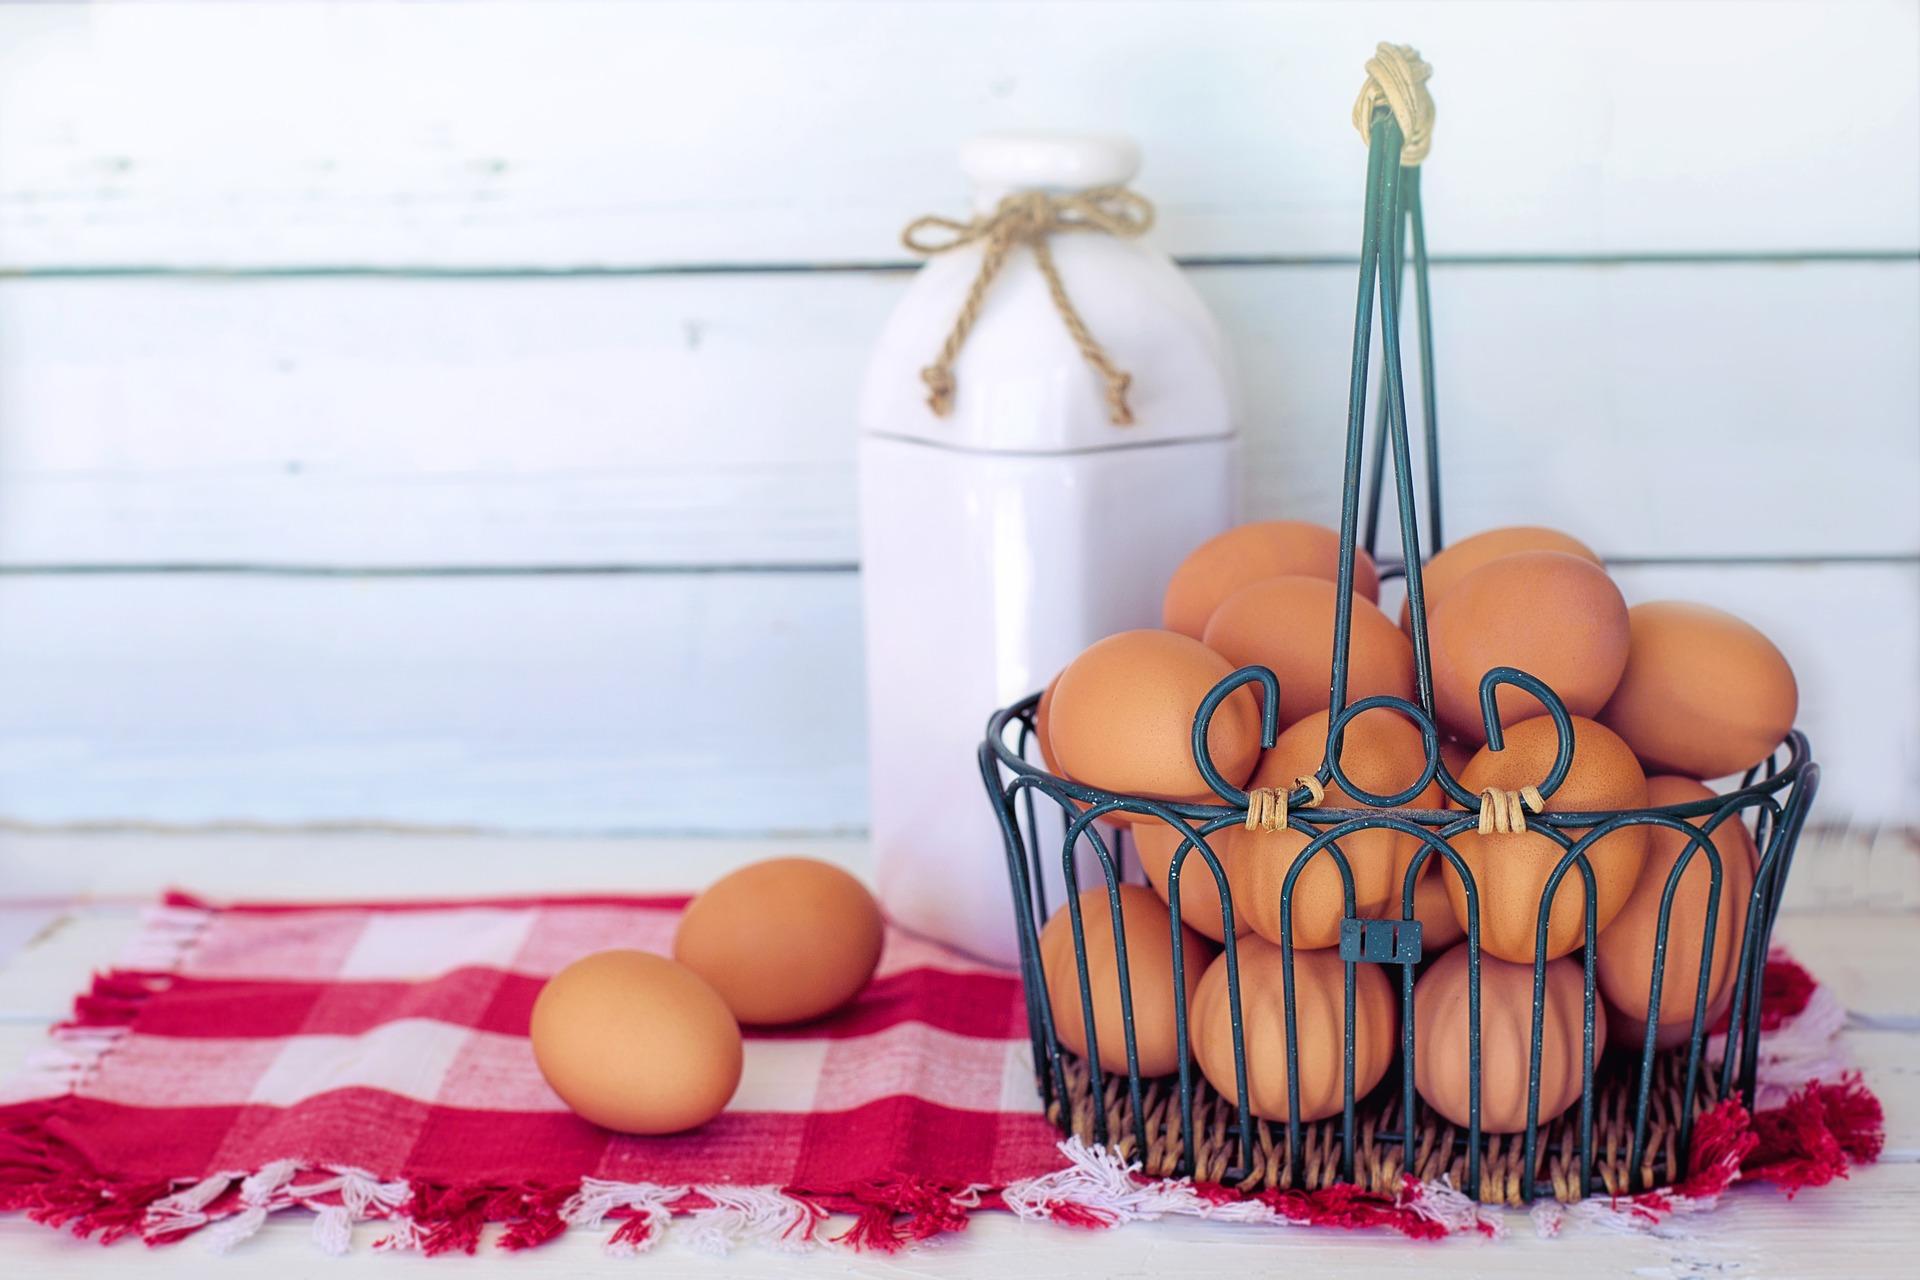 brown-eggs-3217675_1920.jpg